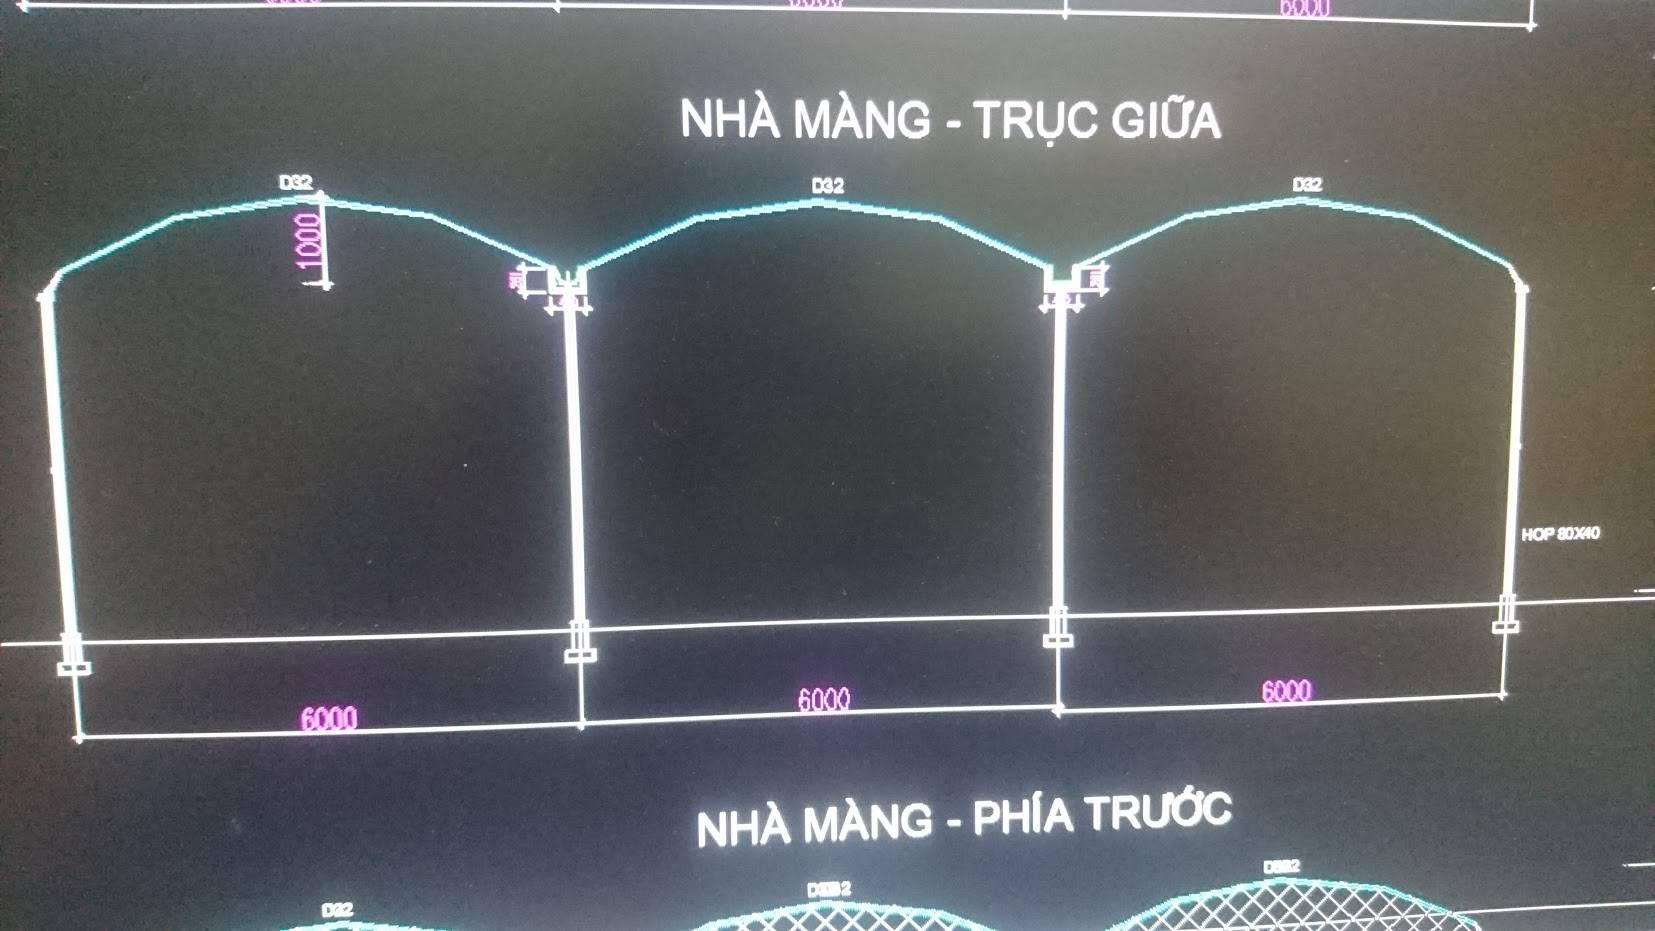 nha-mang-6m-jpg.13735